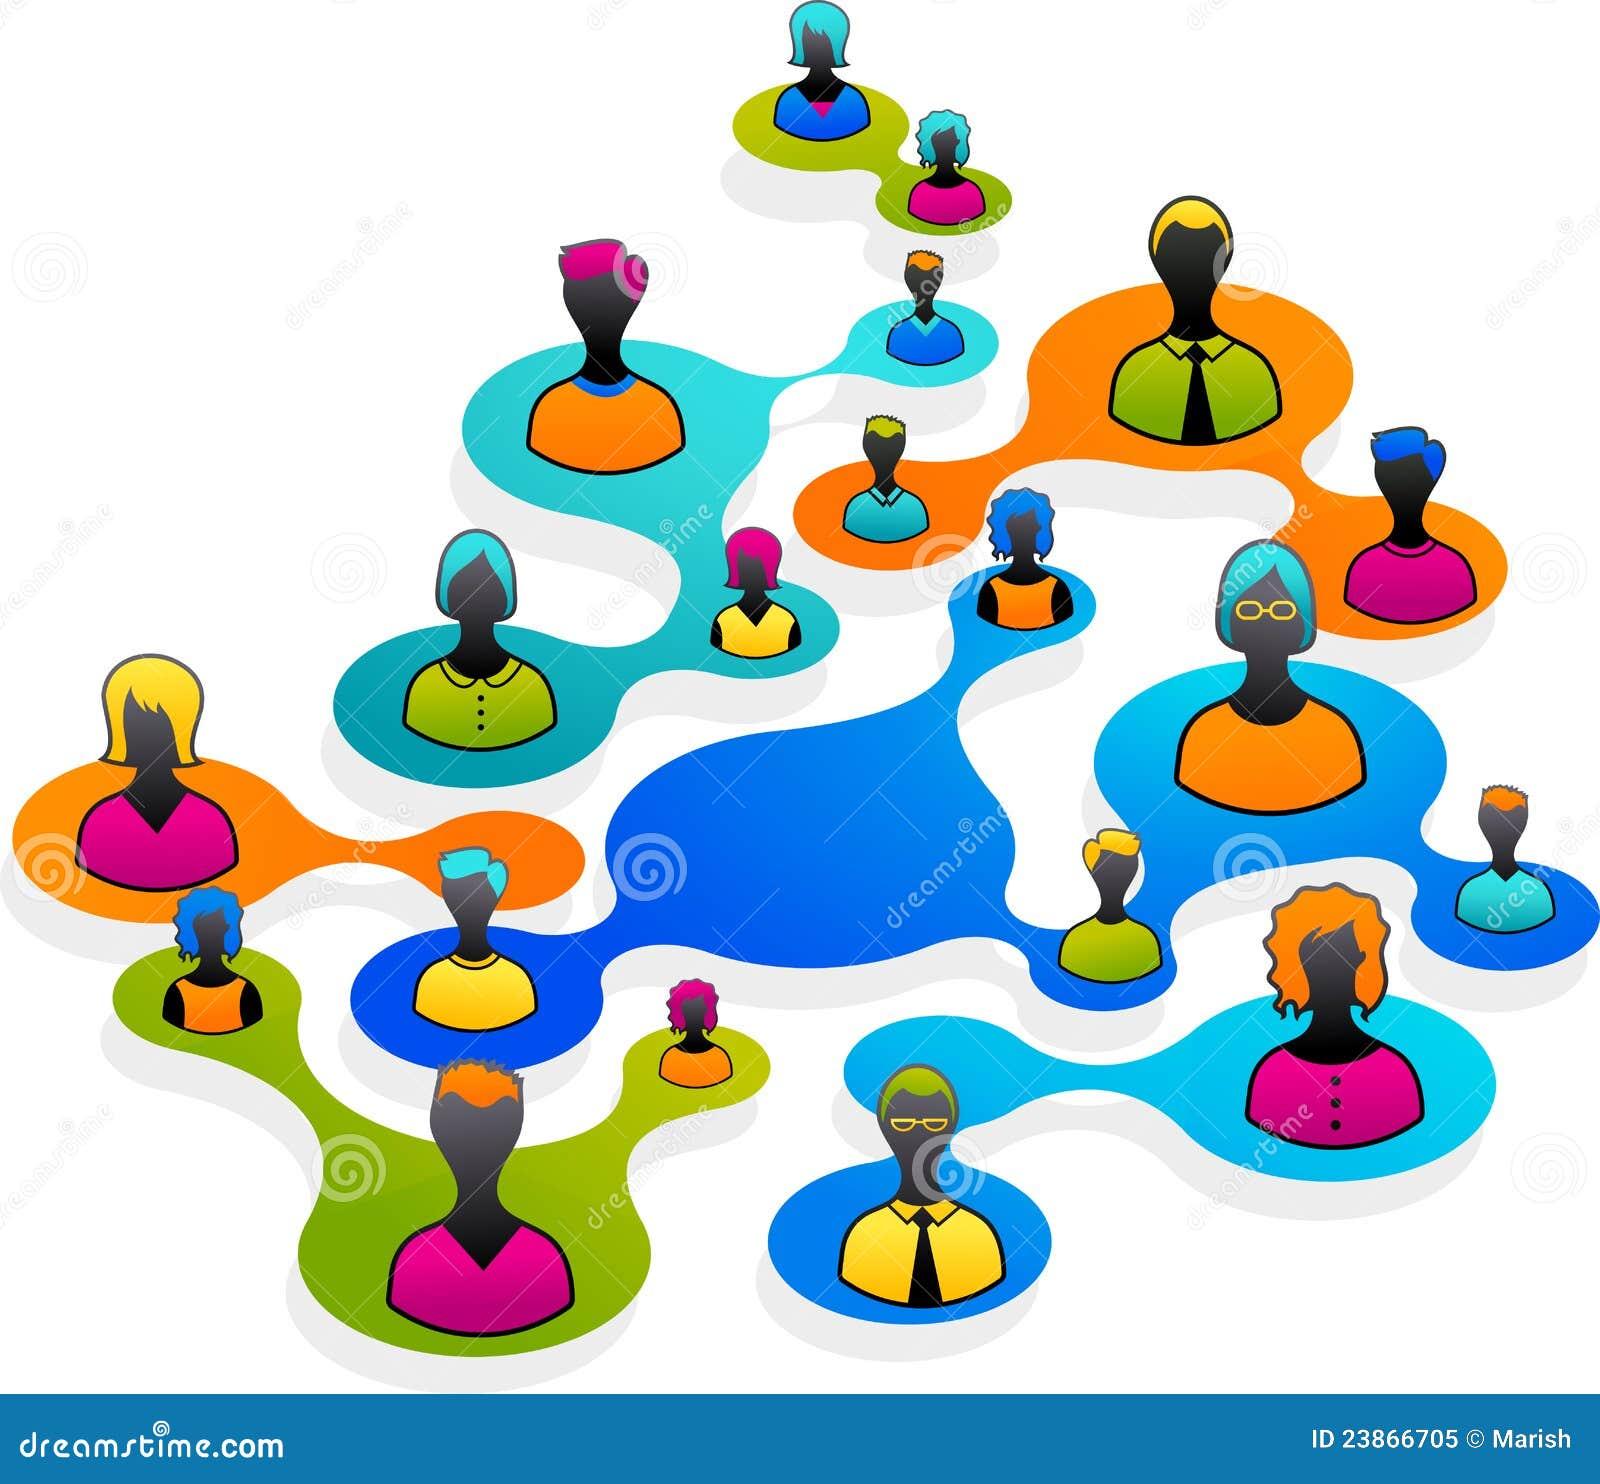 Medias et illustration sociaux de réseau